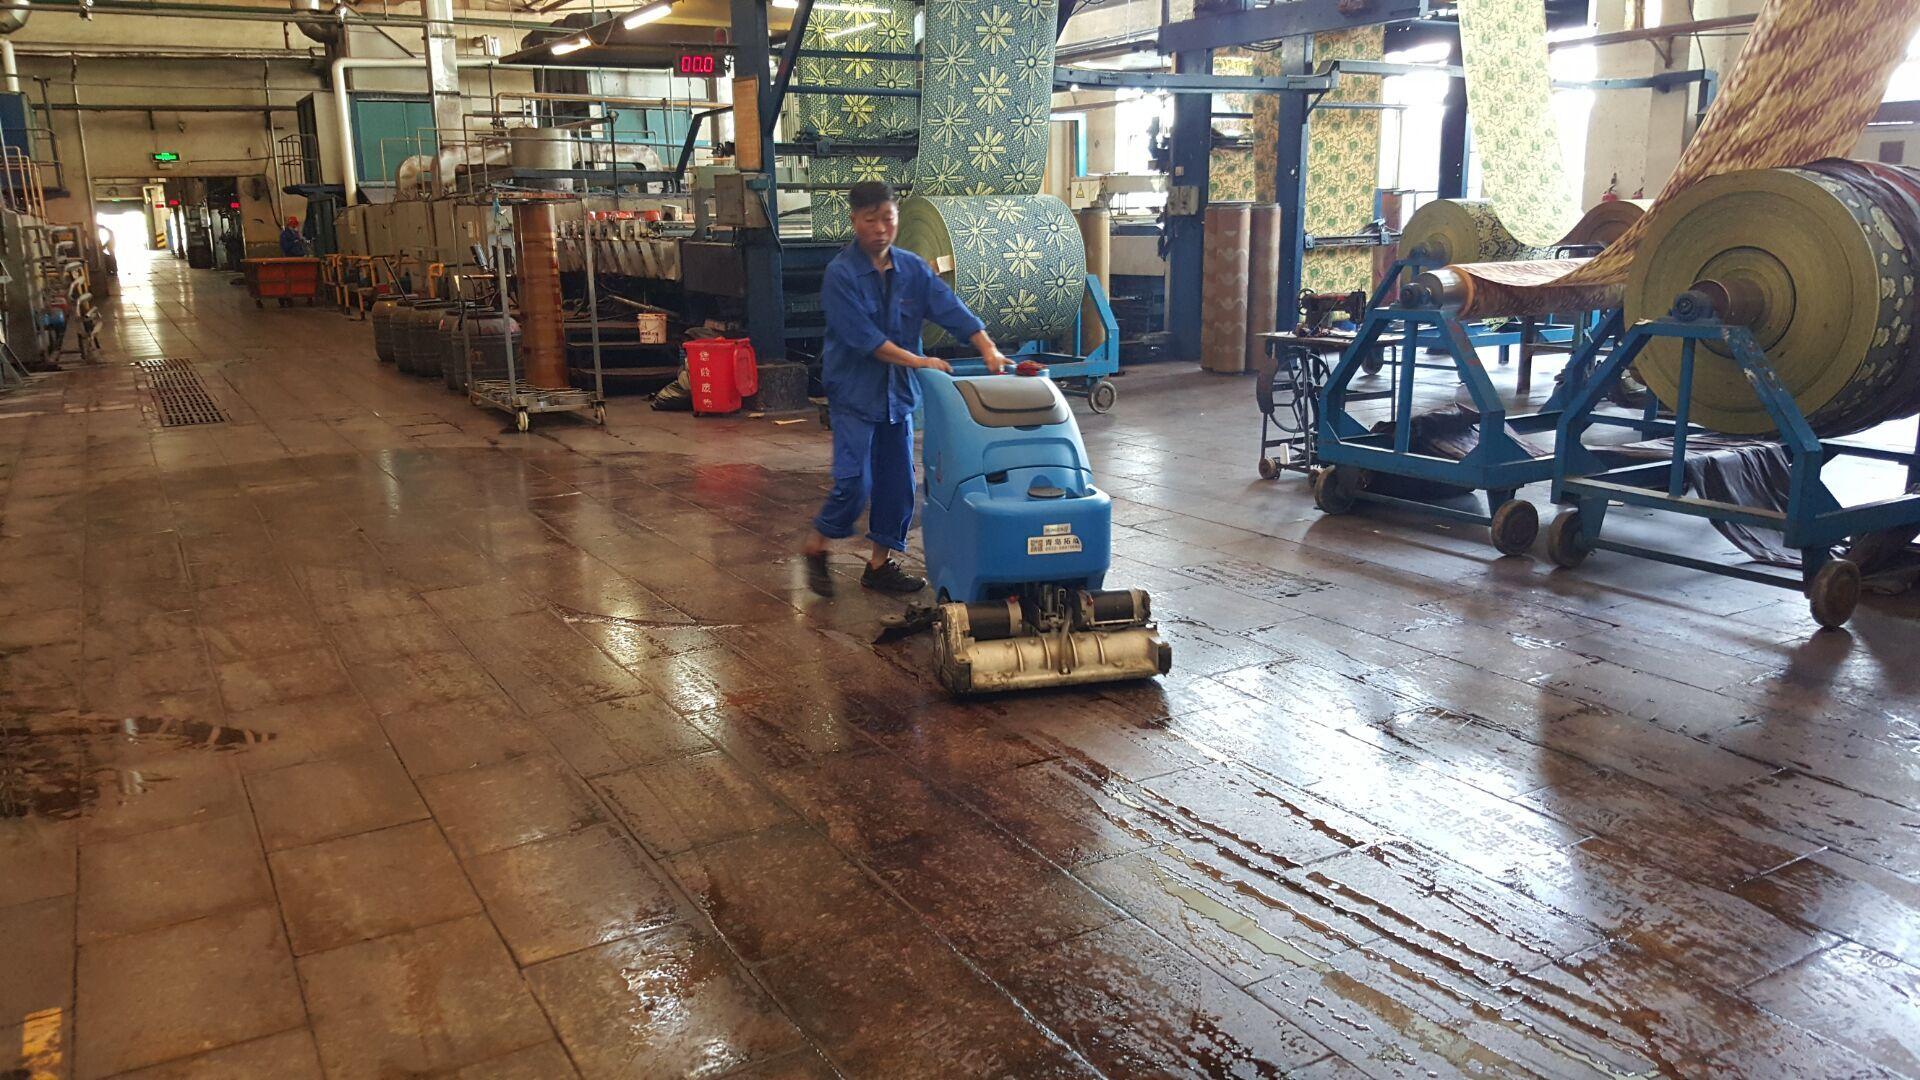 修理厂维修车间油污地面用荣格r65rbt洗扫一体机图片